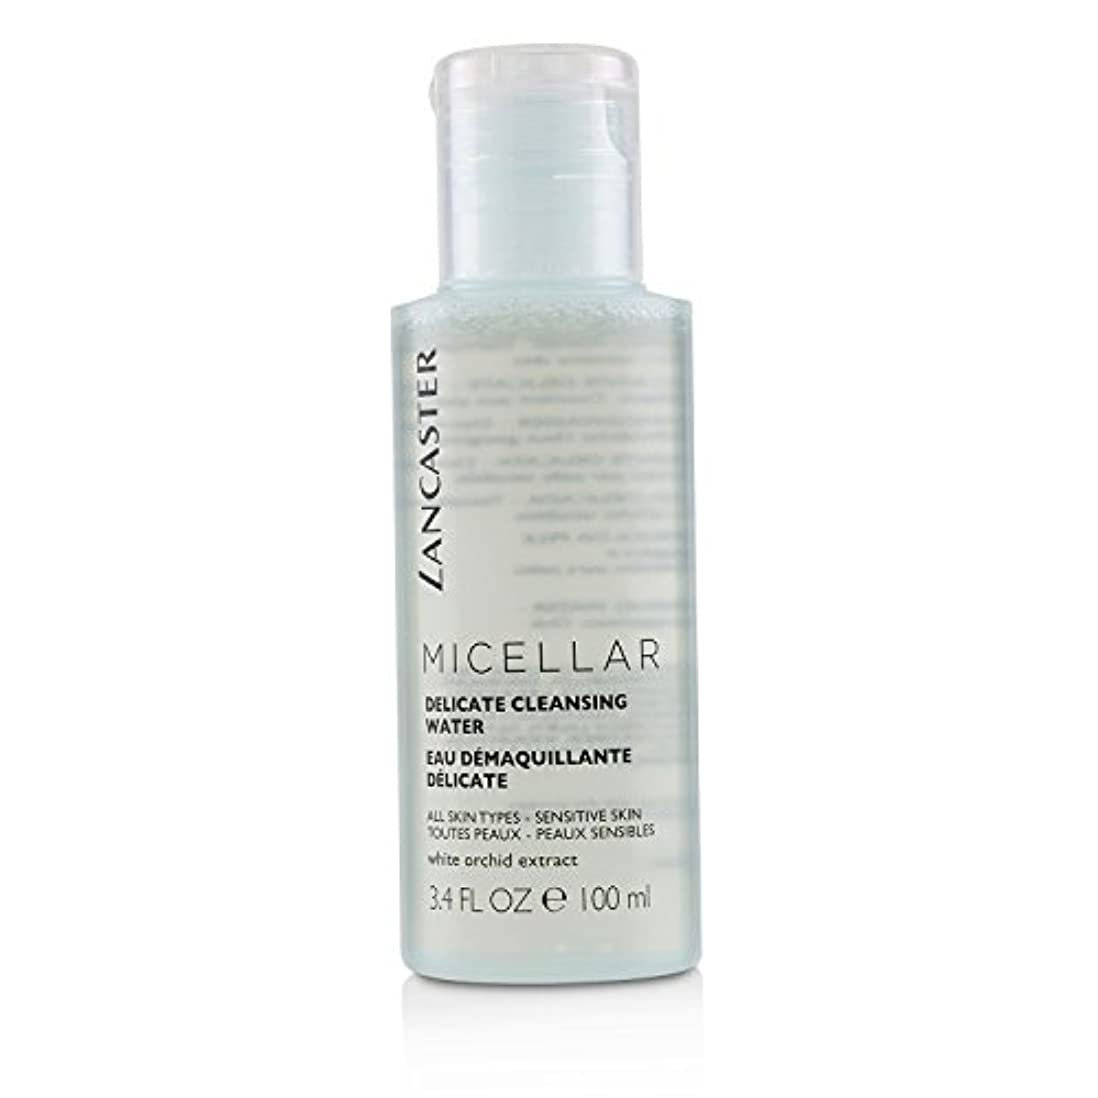 程度ましい検出するランカスター Micellar Delicate Cleansing Water - All Skin Types, Including Sensitive Skin 100ml/3.4oz並行輸入品